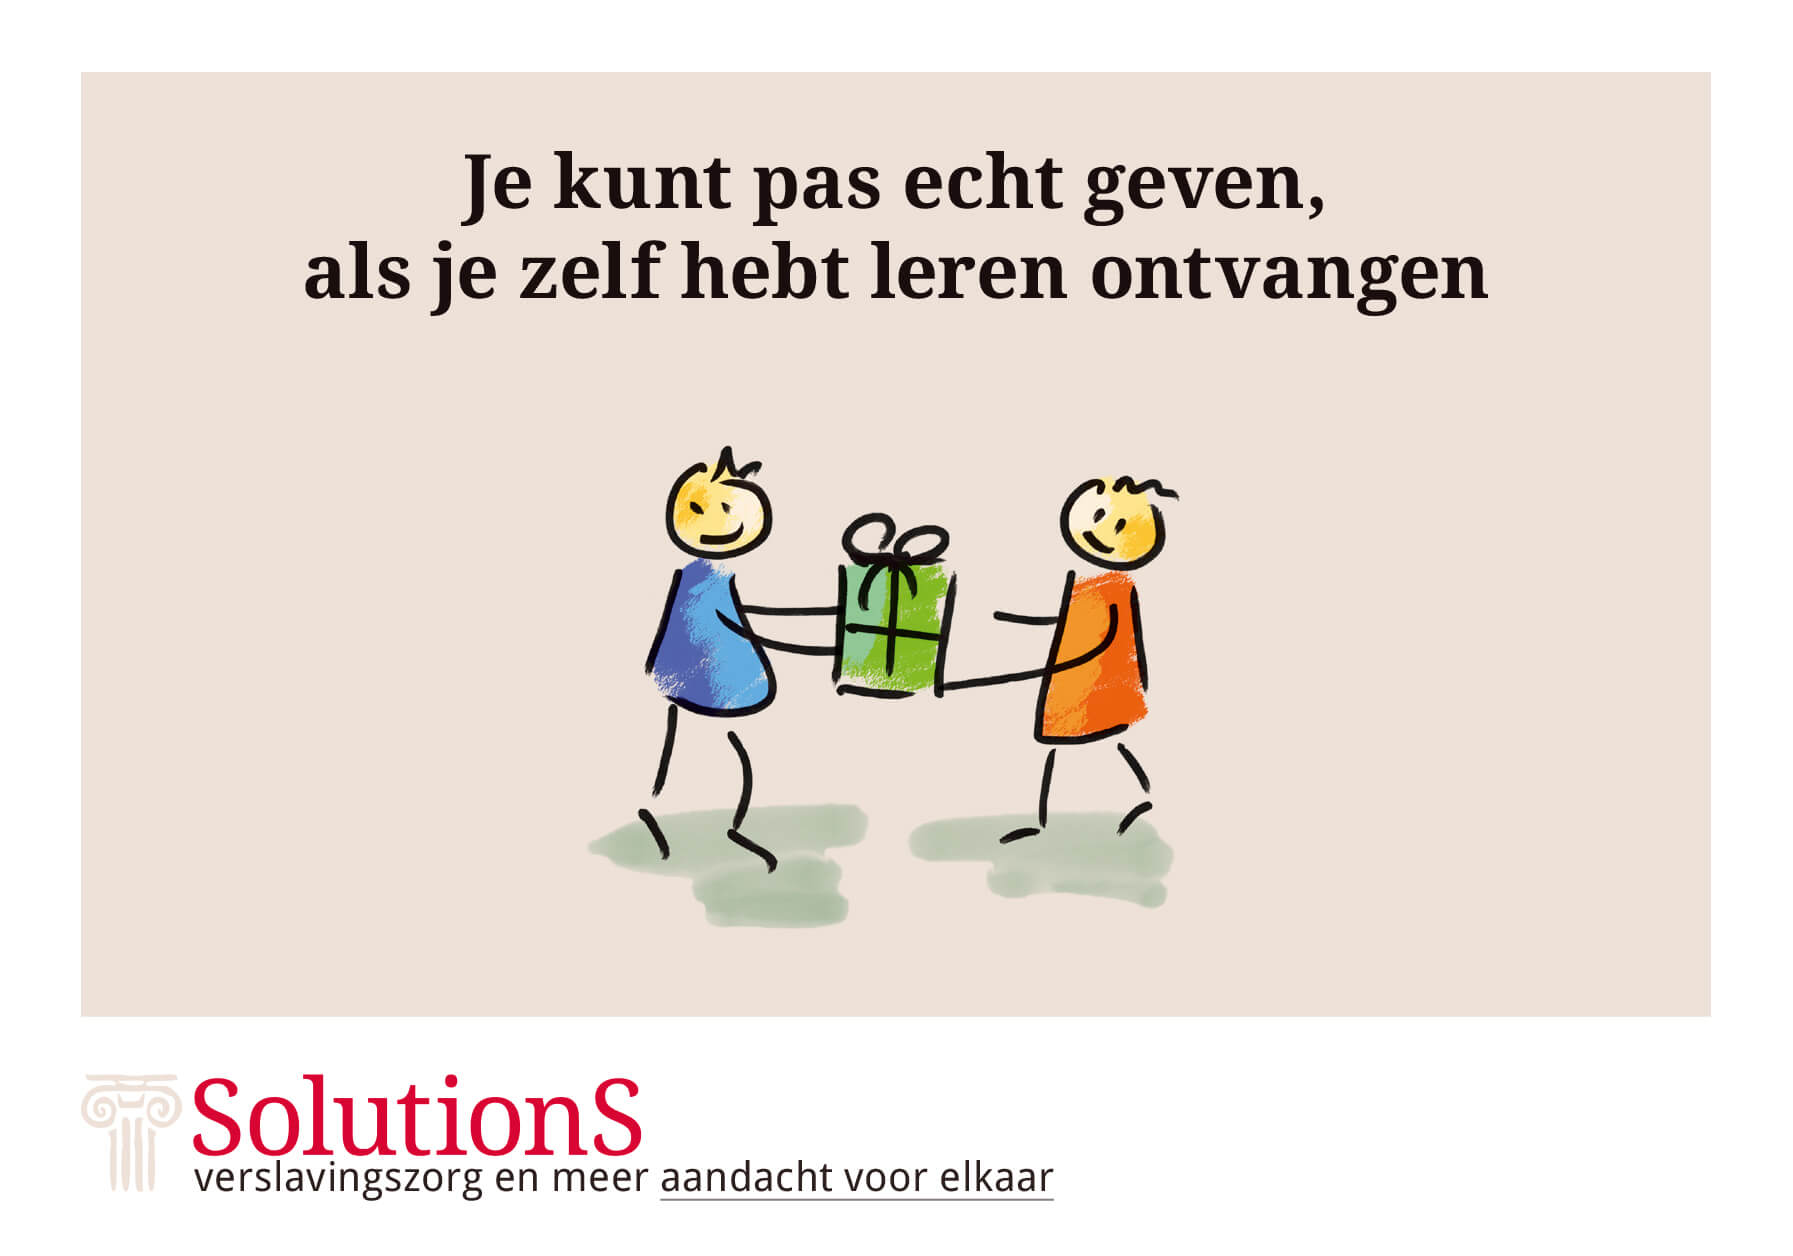 SolutionS, verslavingszorg en meer Quote